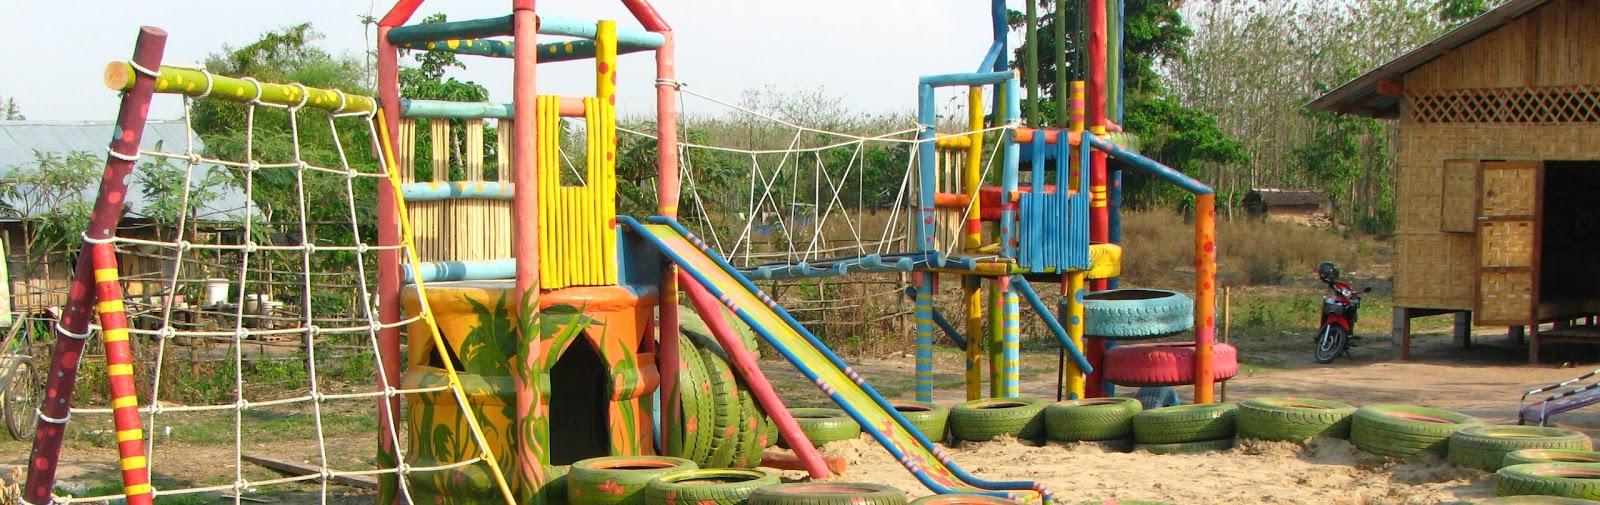 world u0027s children another playground contest build a playground